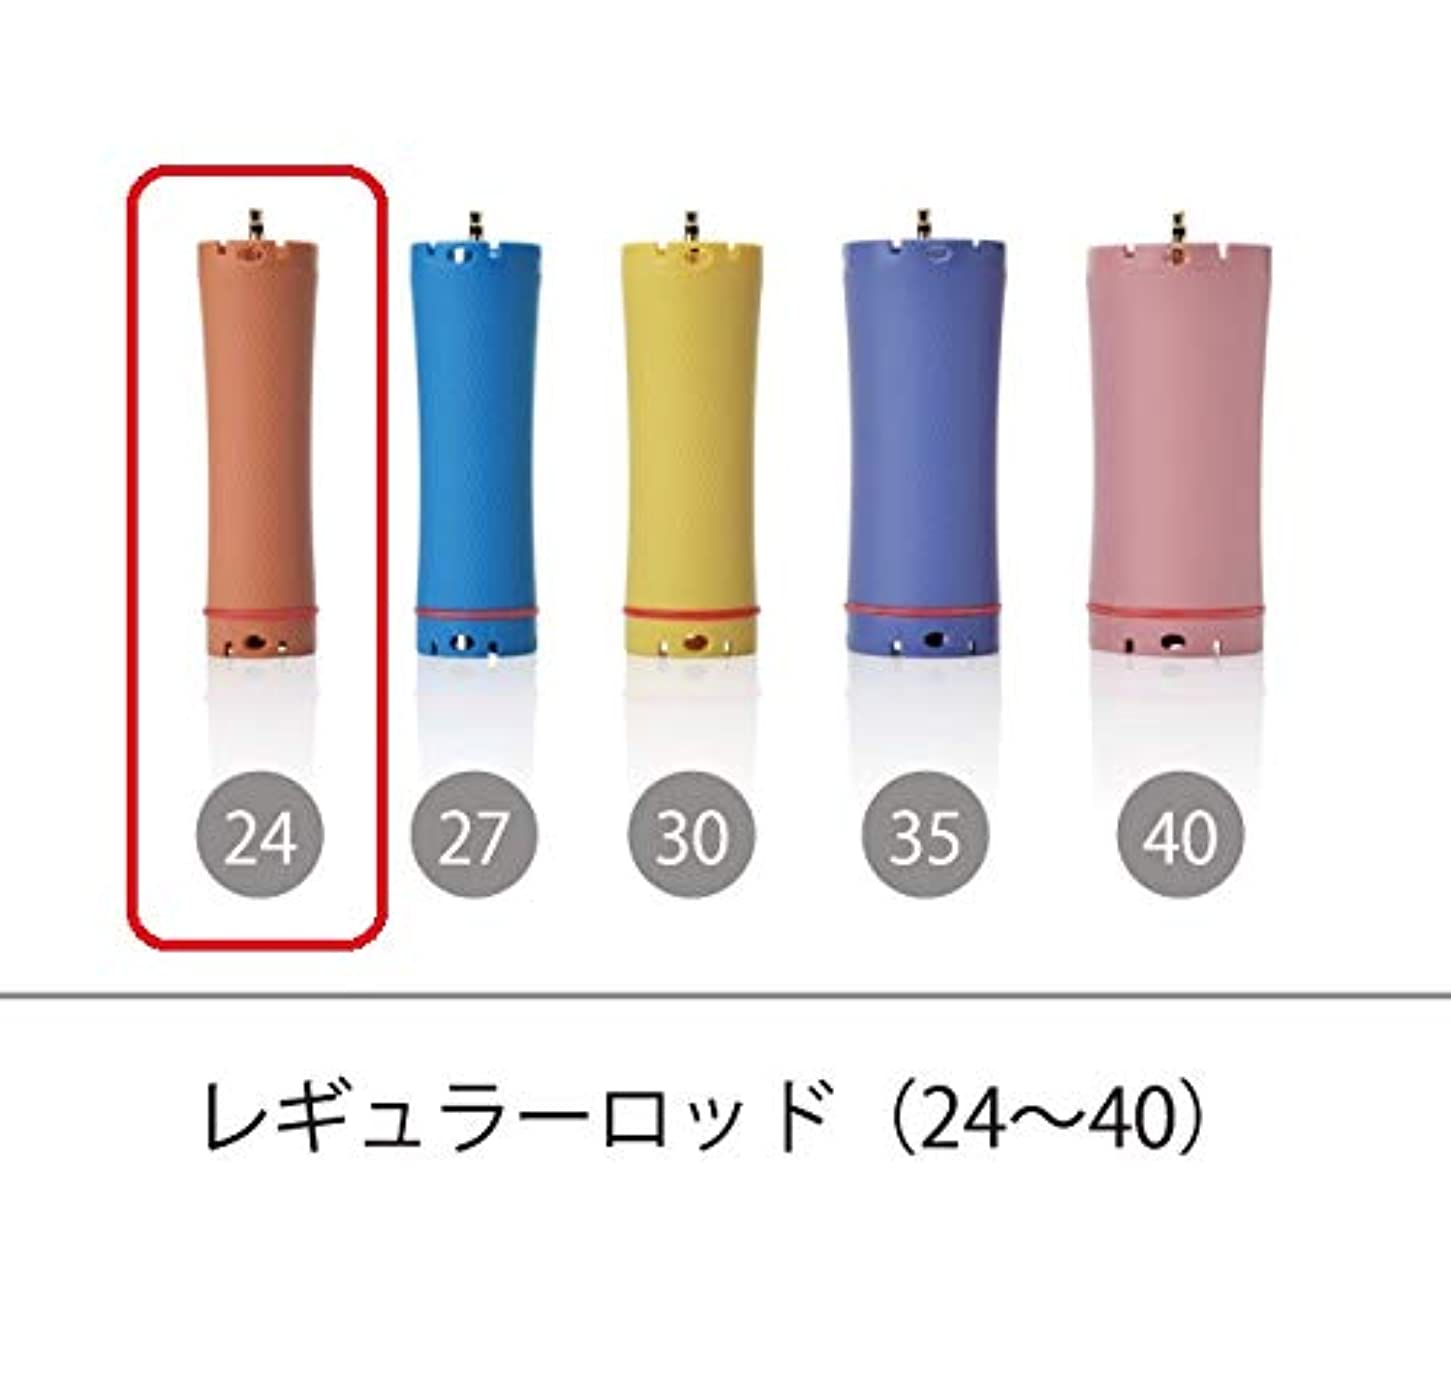 翻訳倒産負荷ソキウス 専用ロッド レギュラーロッド 24mm